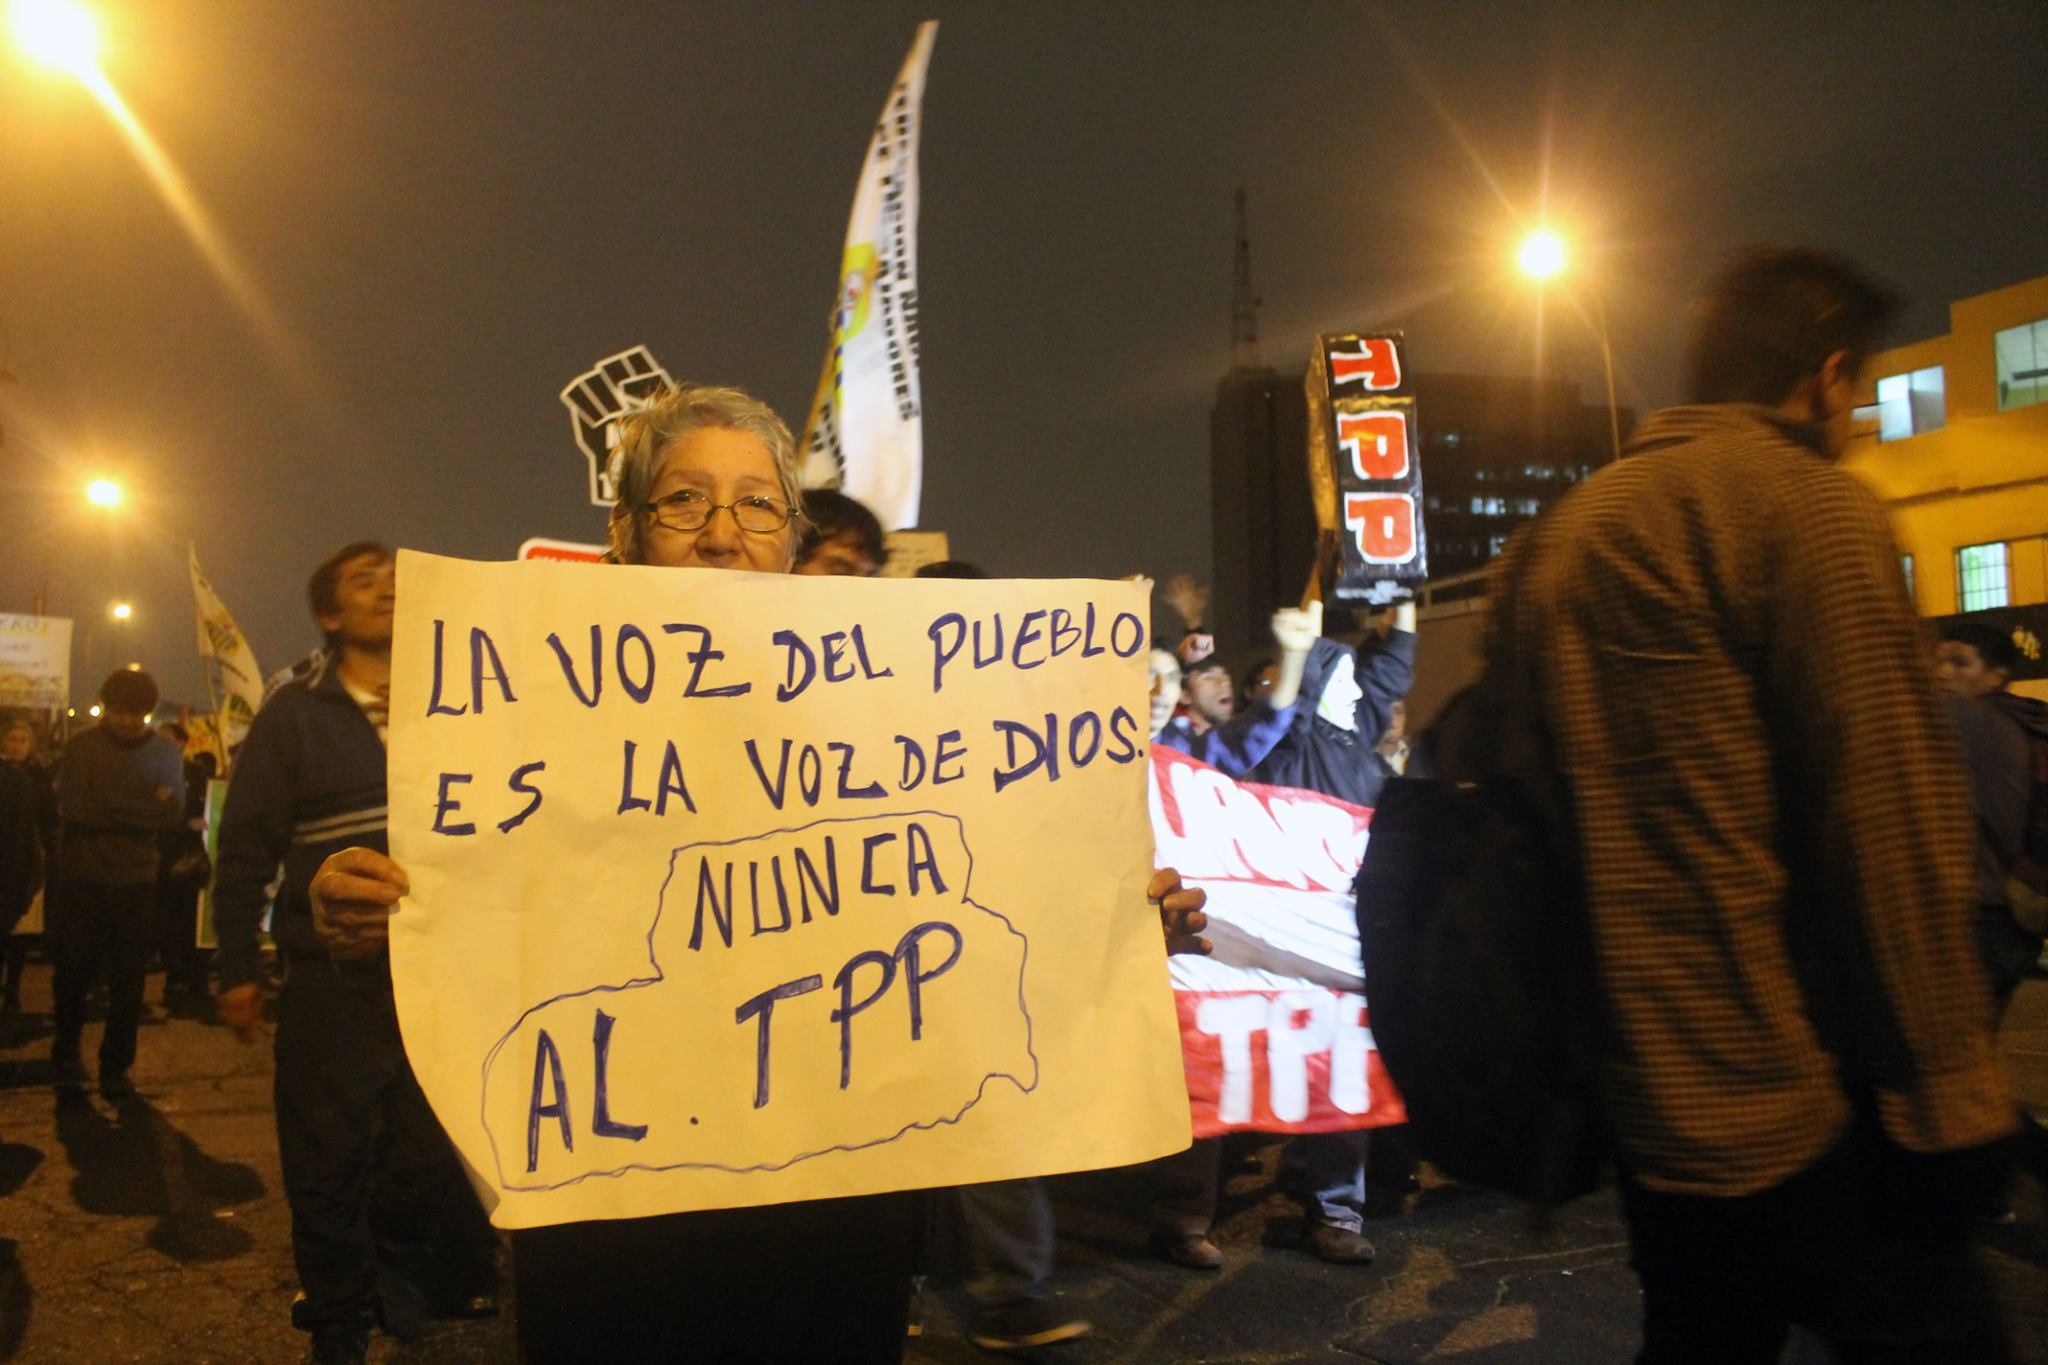 Marcha contra el TPP: el conflicto detrás de la protesta